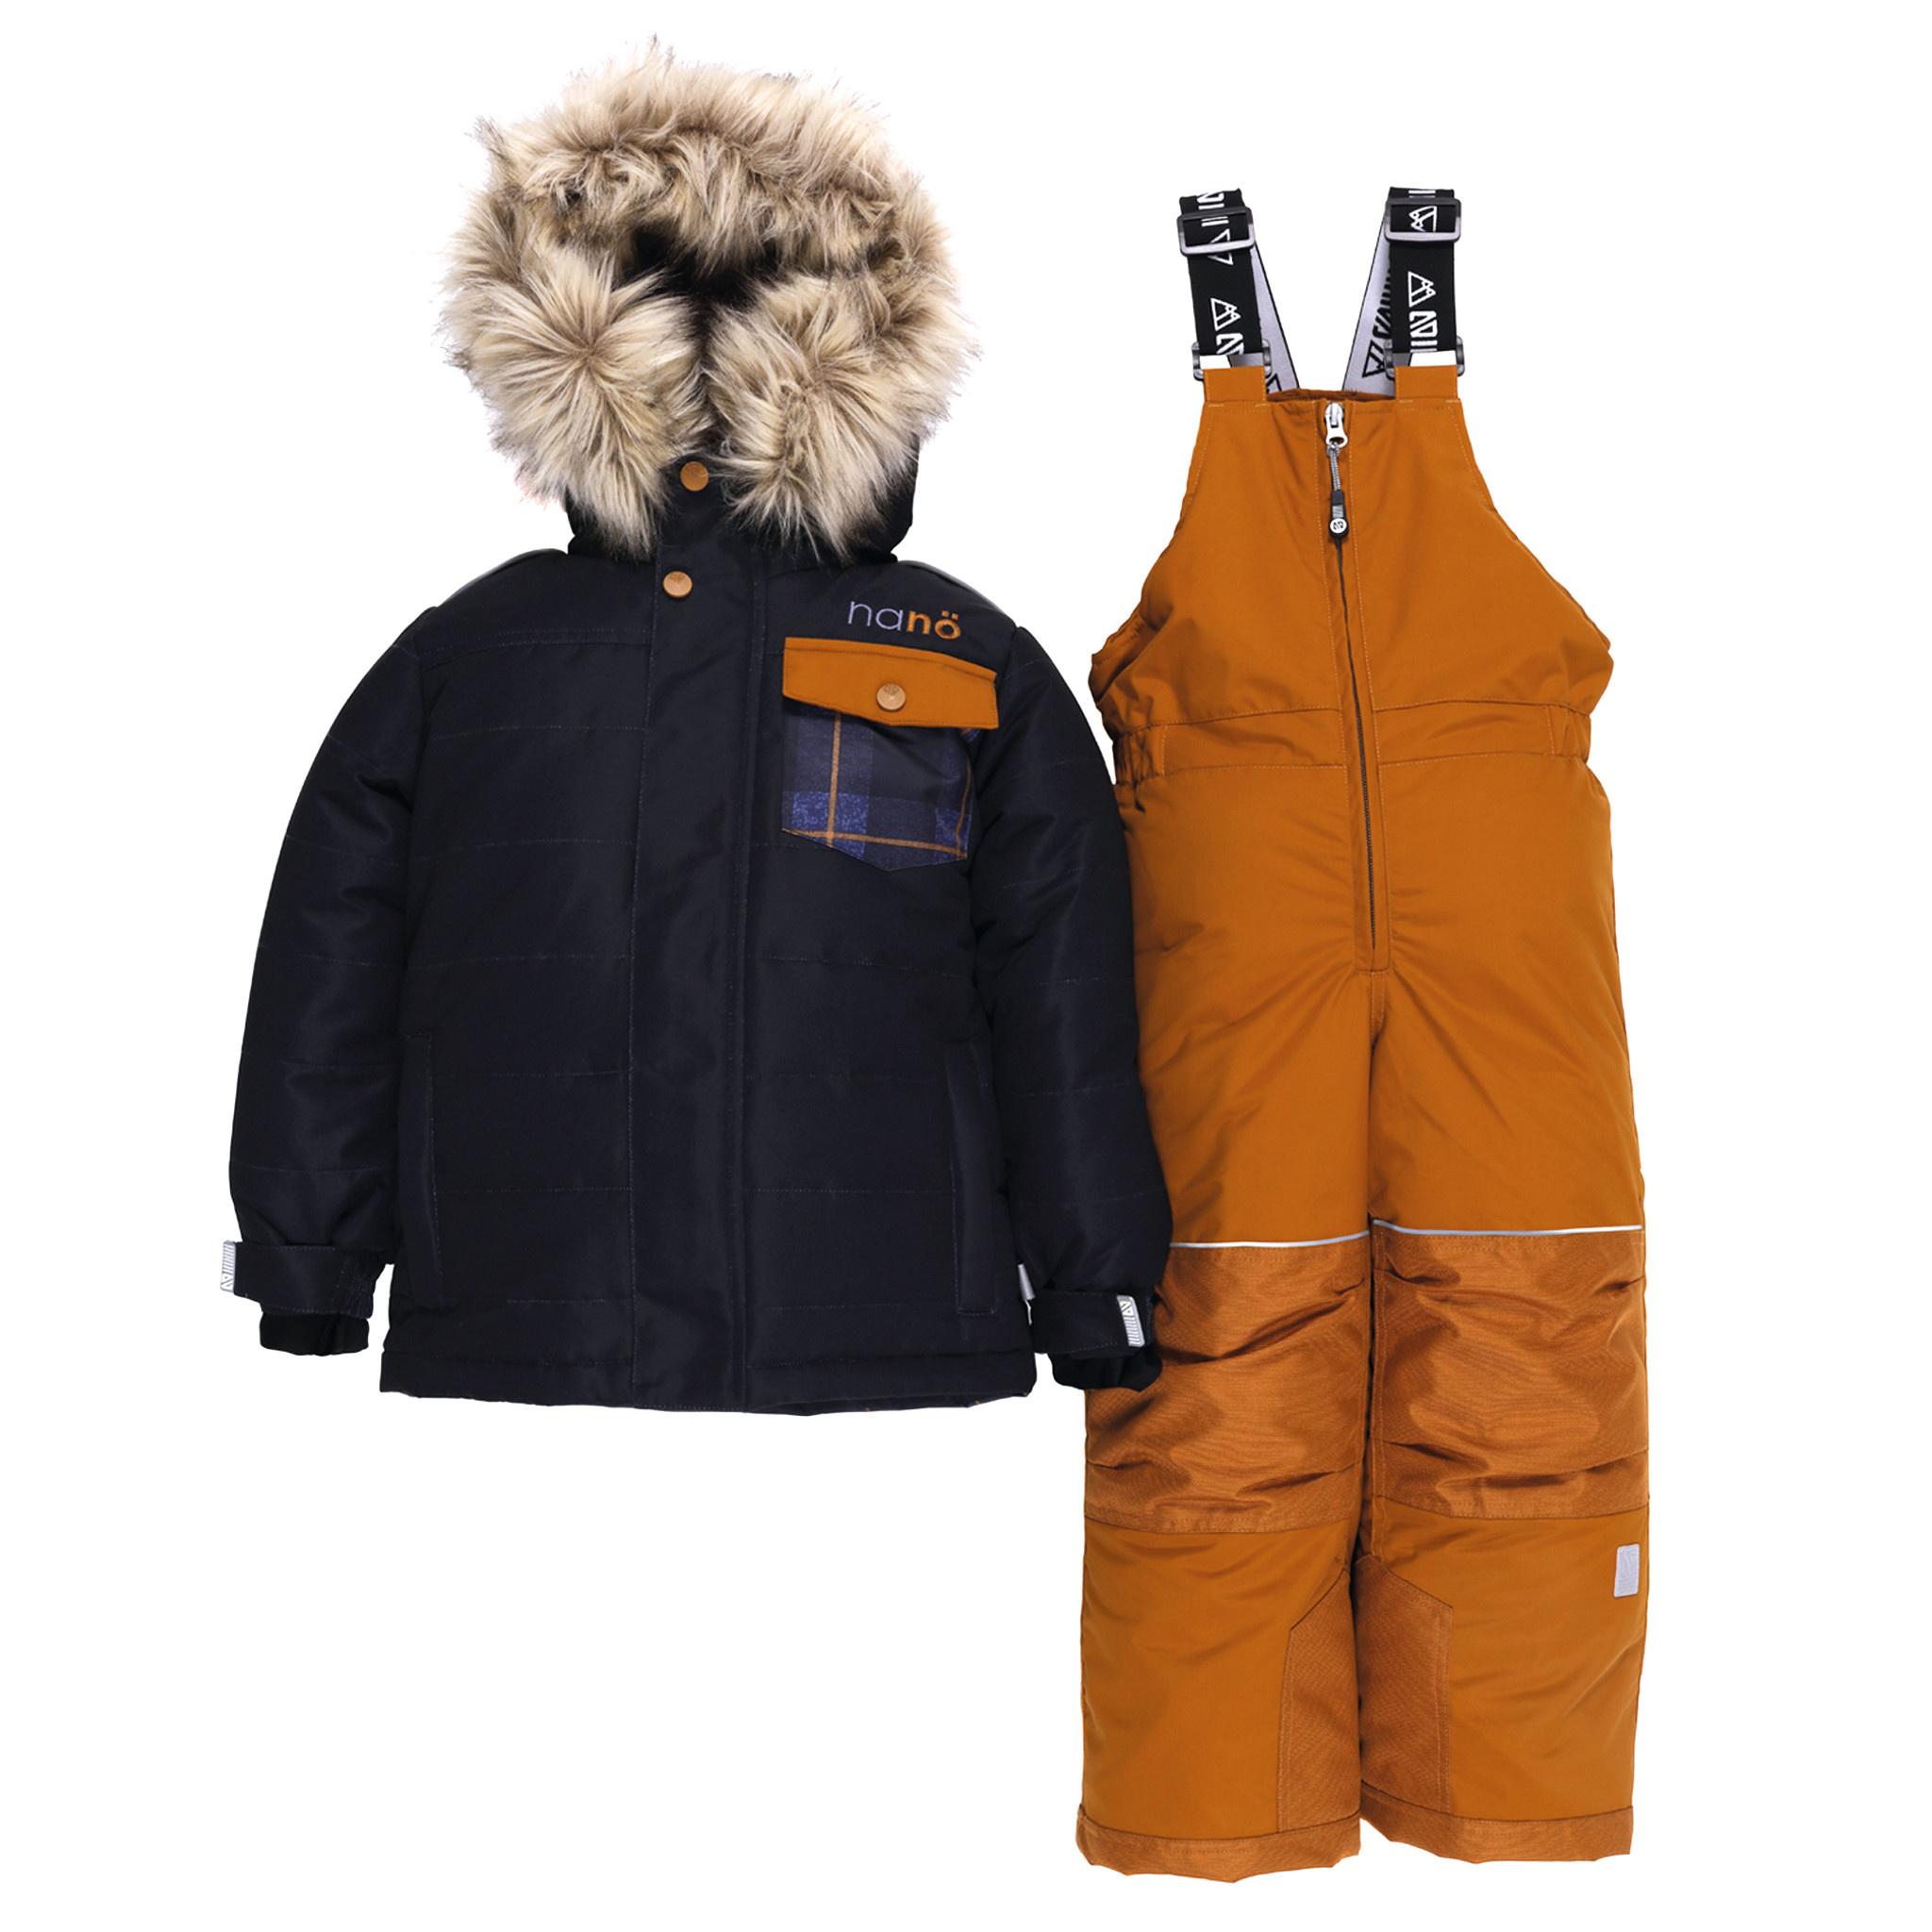 Habit de neige - Mont Cooper-1